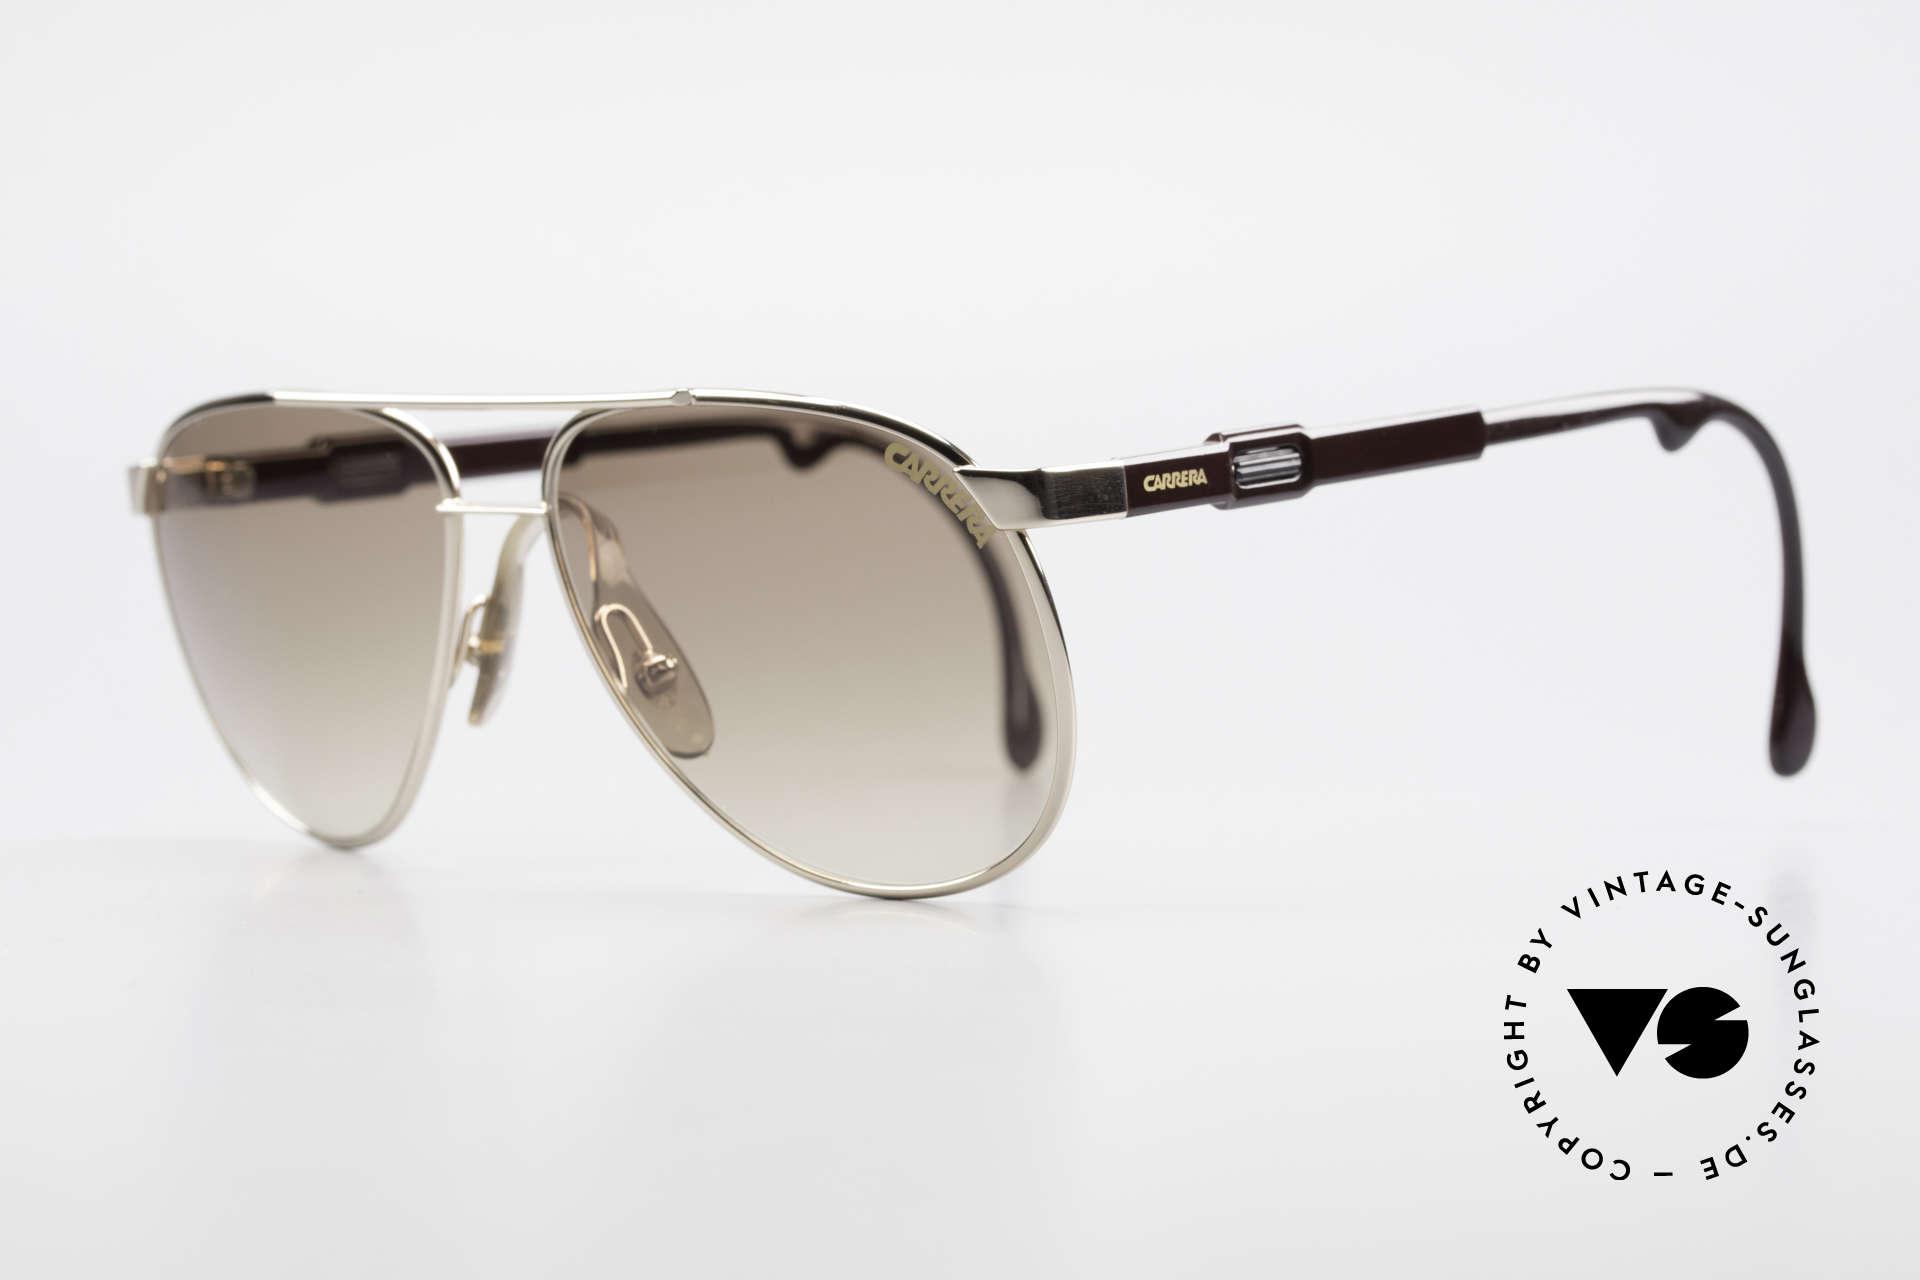 Carrera 5348 80er Vario Sport Sonnenbrille, variable Bügellänge durch Carrera Vario System, Passend für Herren und Damen